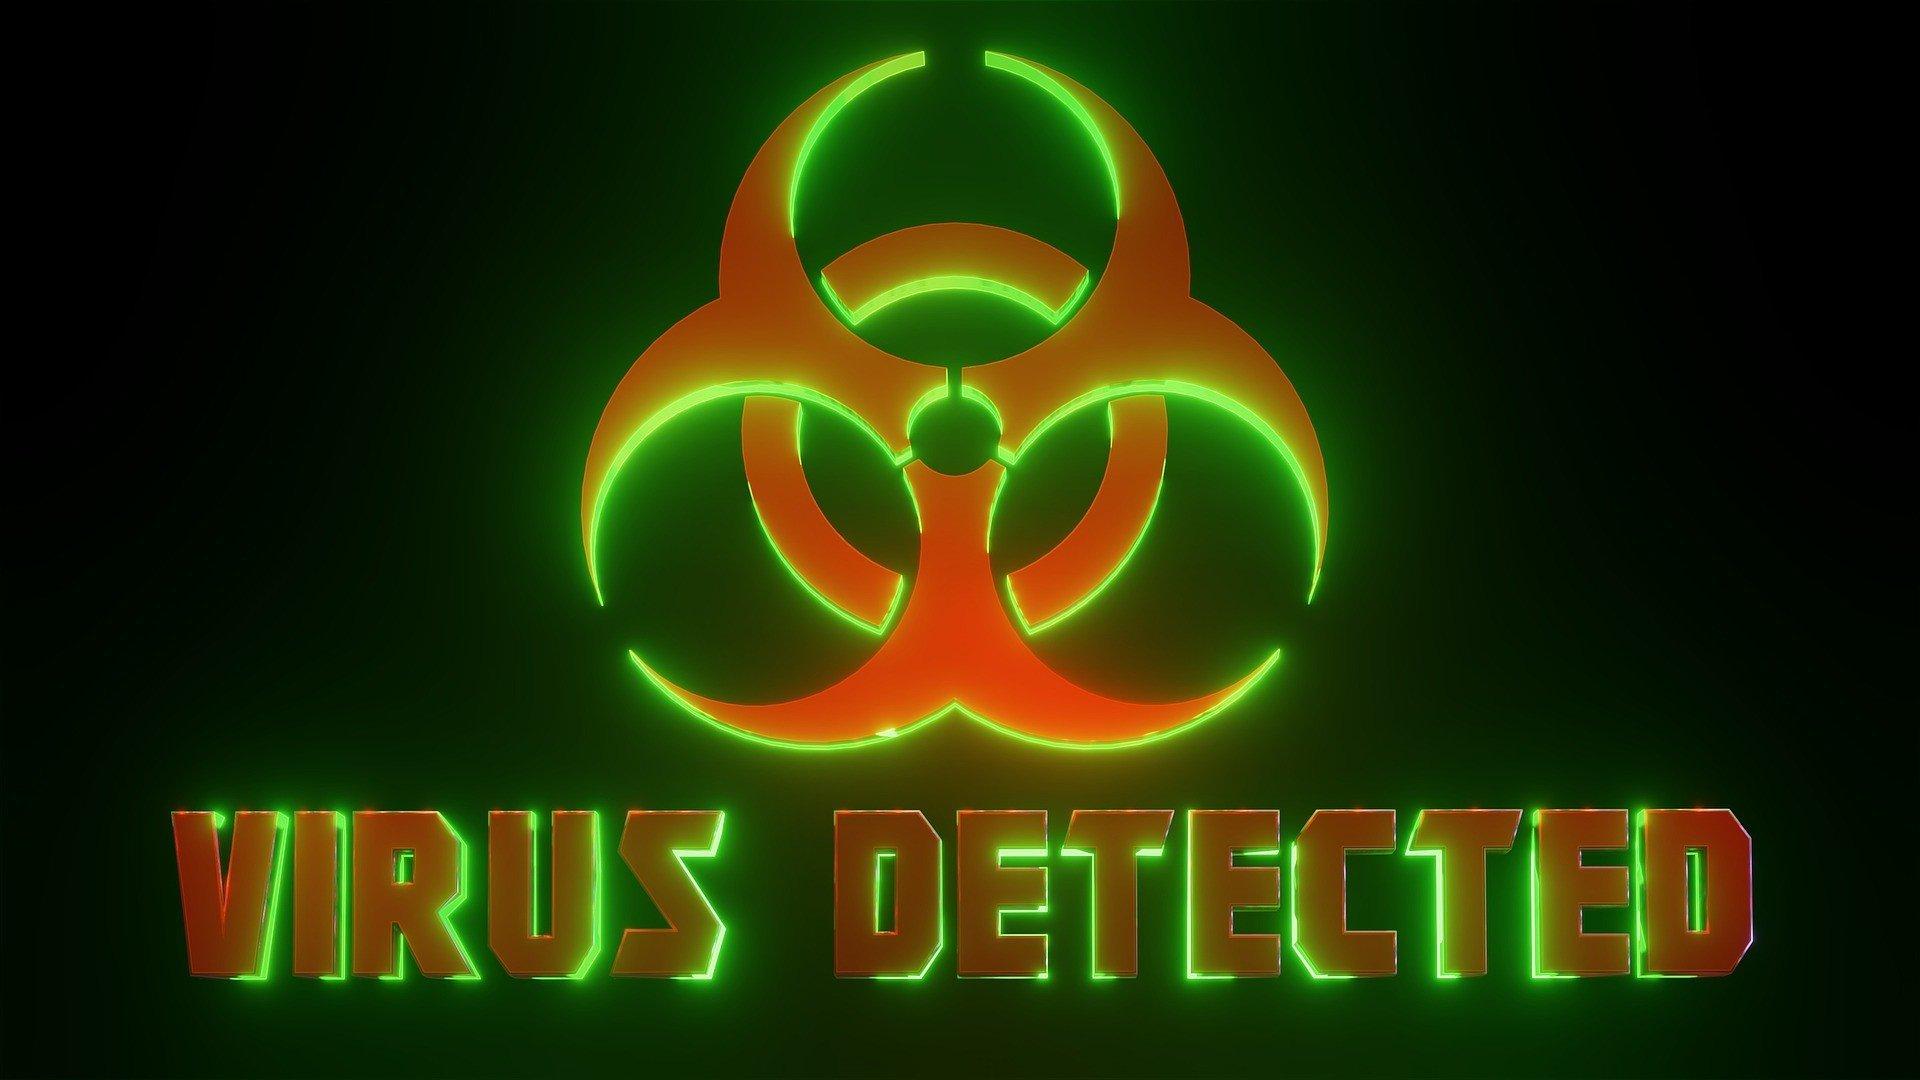 Китай скрыл данные о коронавирусе от ВОЗ